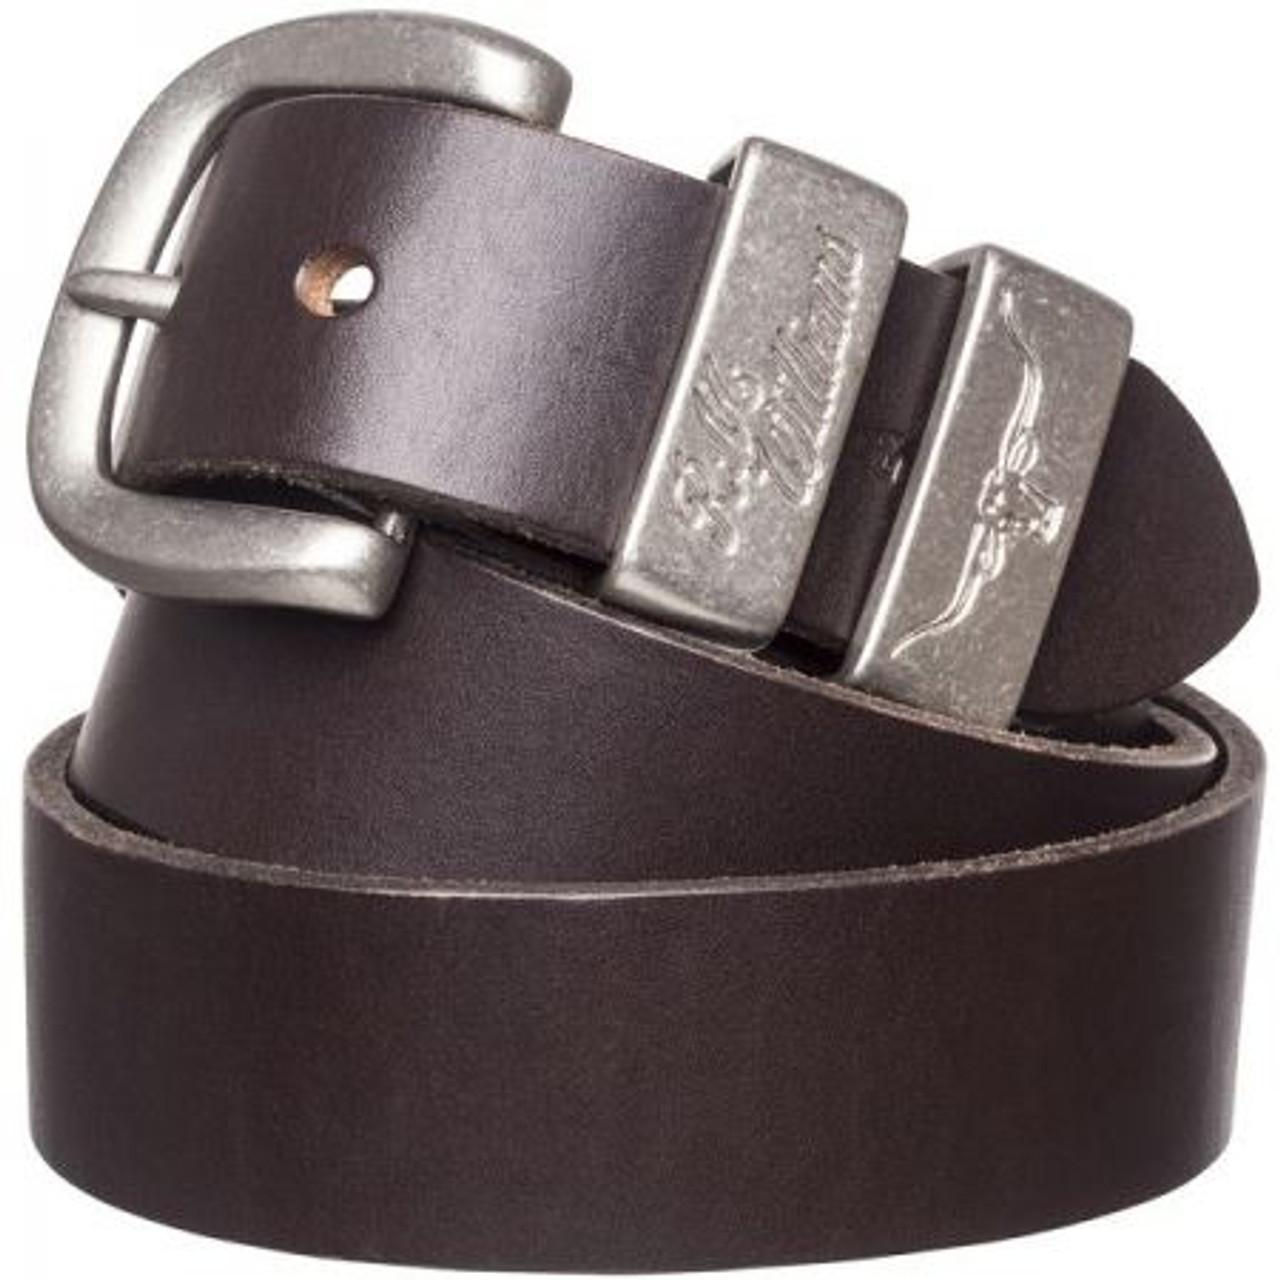 R.M. Williams 3 Piece Buckle Work Belt